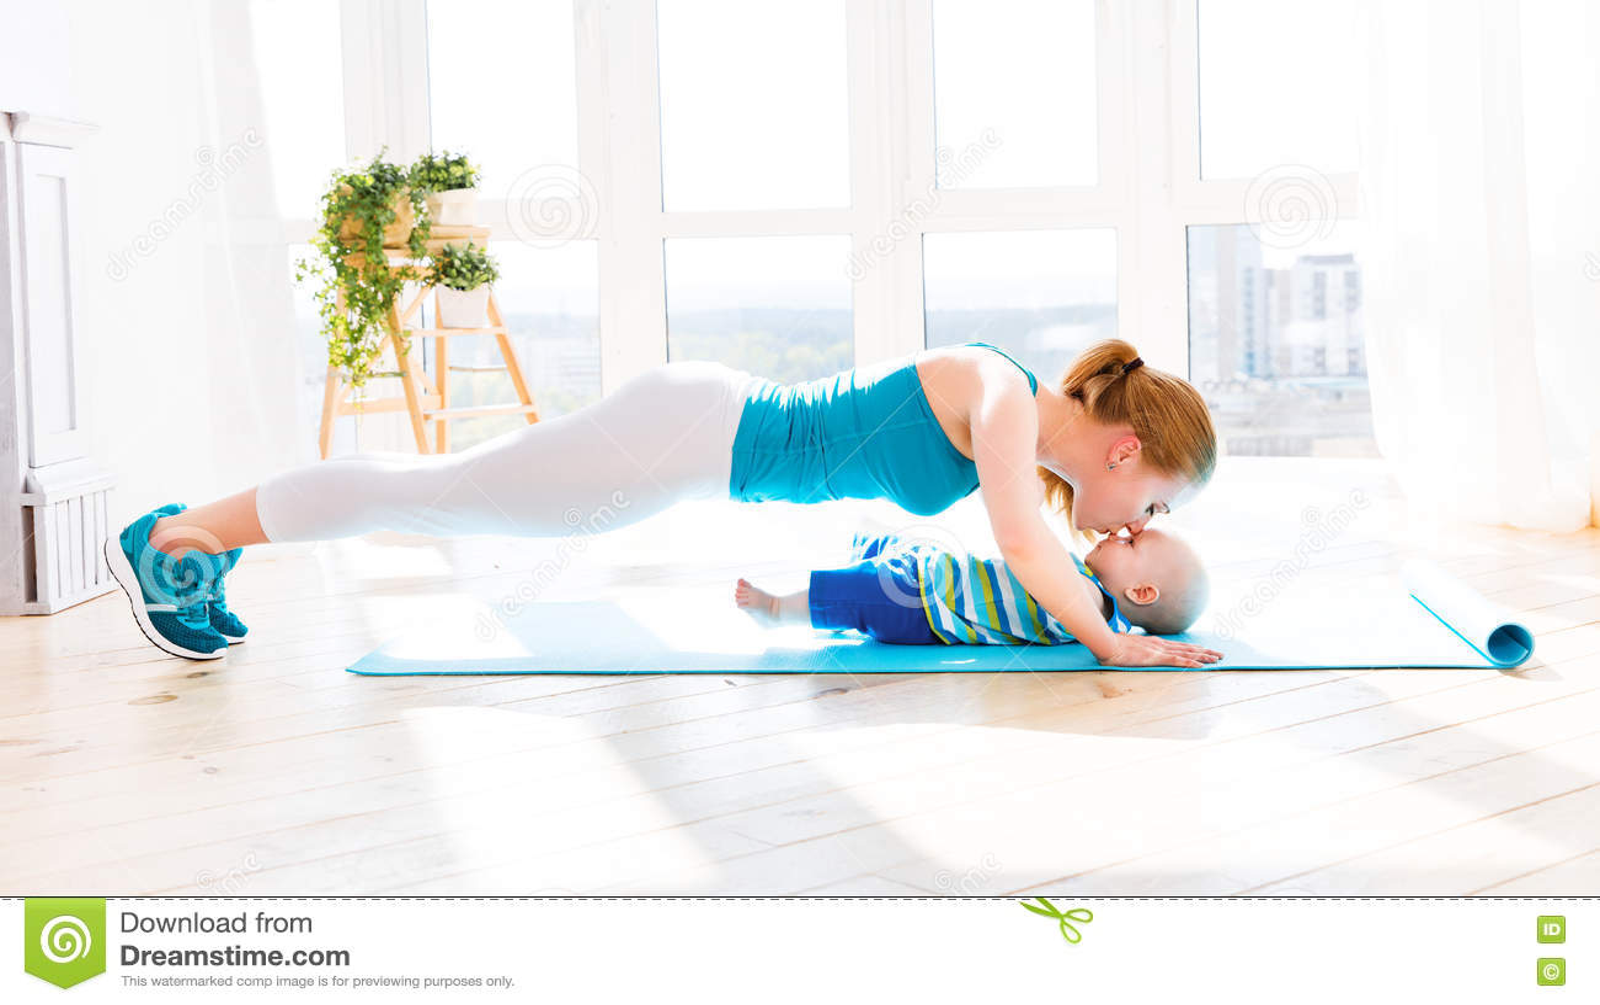 Η αθλητική μητέρα συμμετέχει στην ικανότητα και τη γιόγκα με το μωρό στο σπίτι